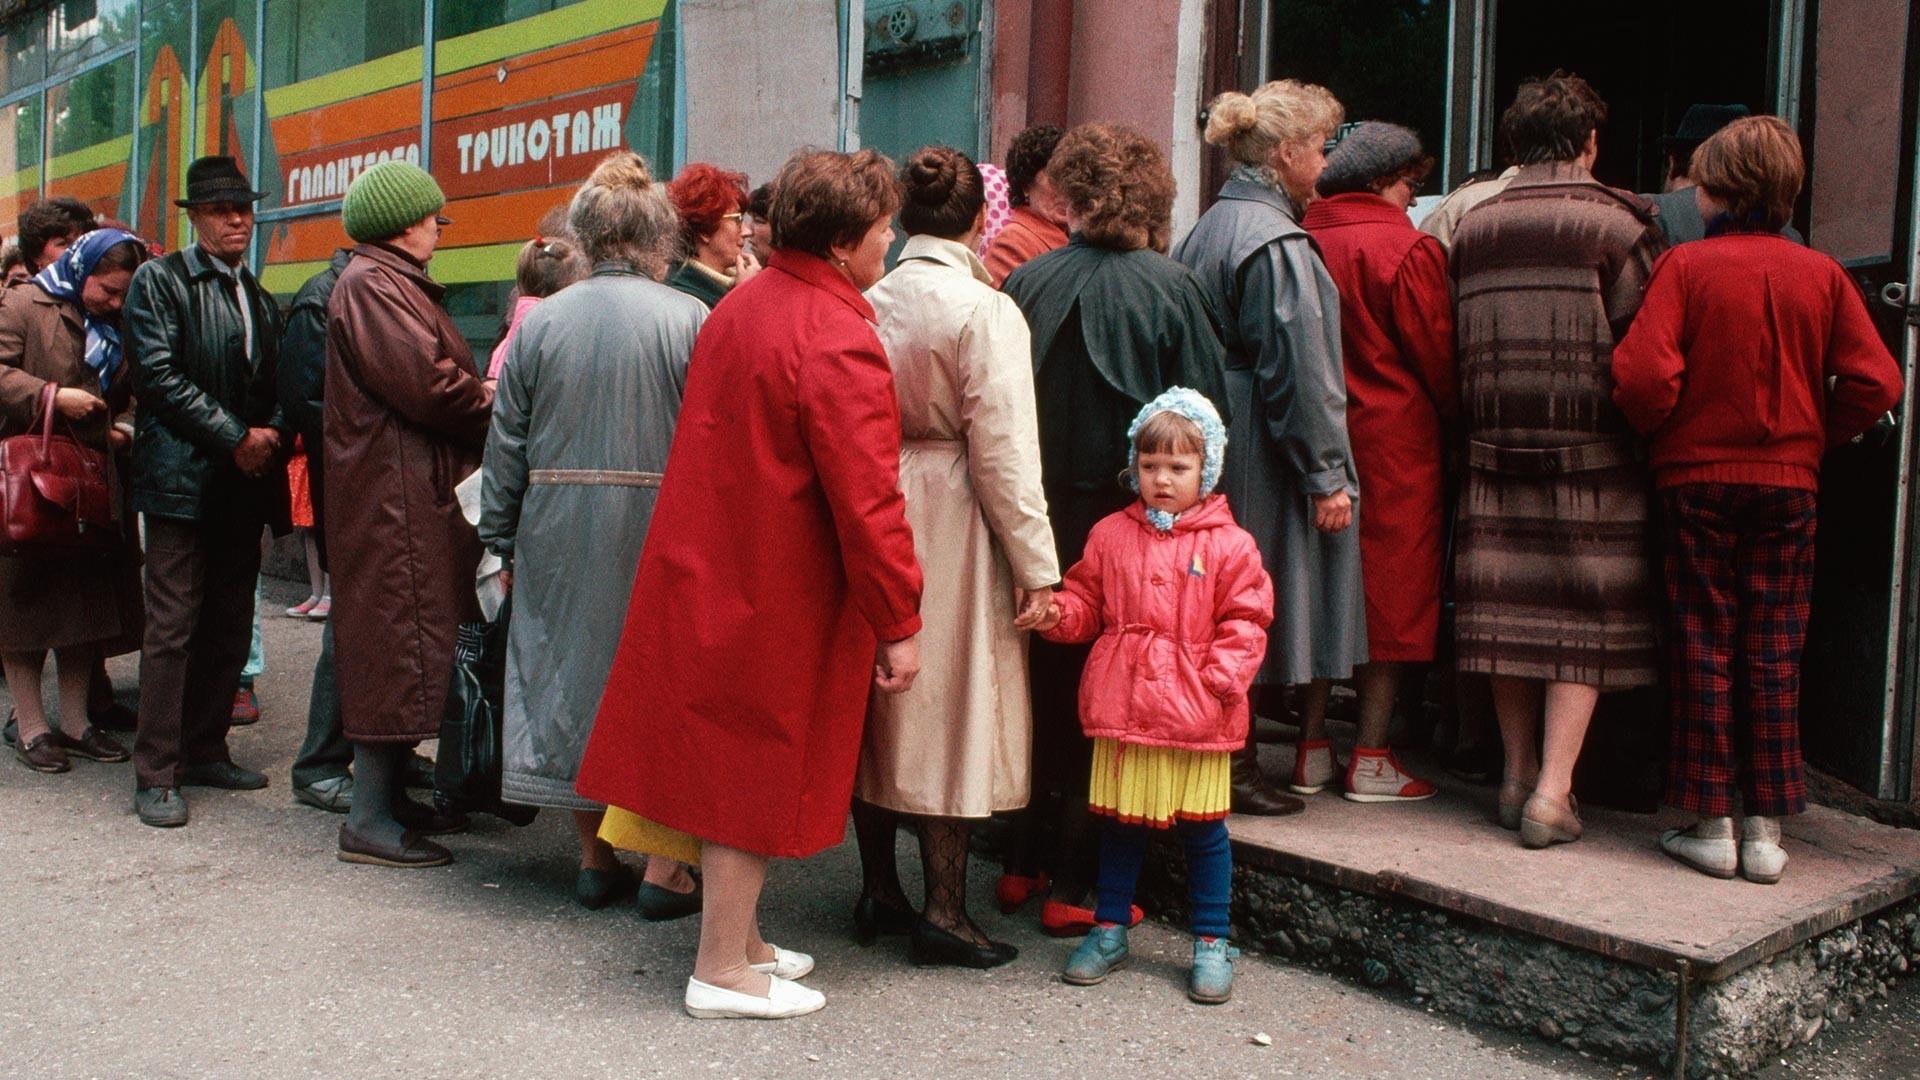 Siberianos enfileirados em frente a loja